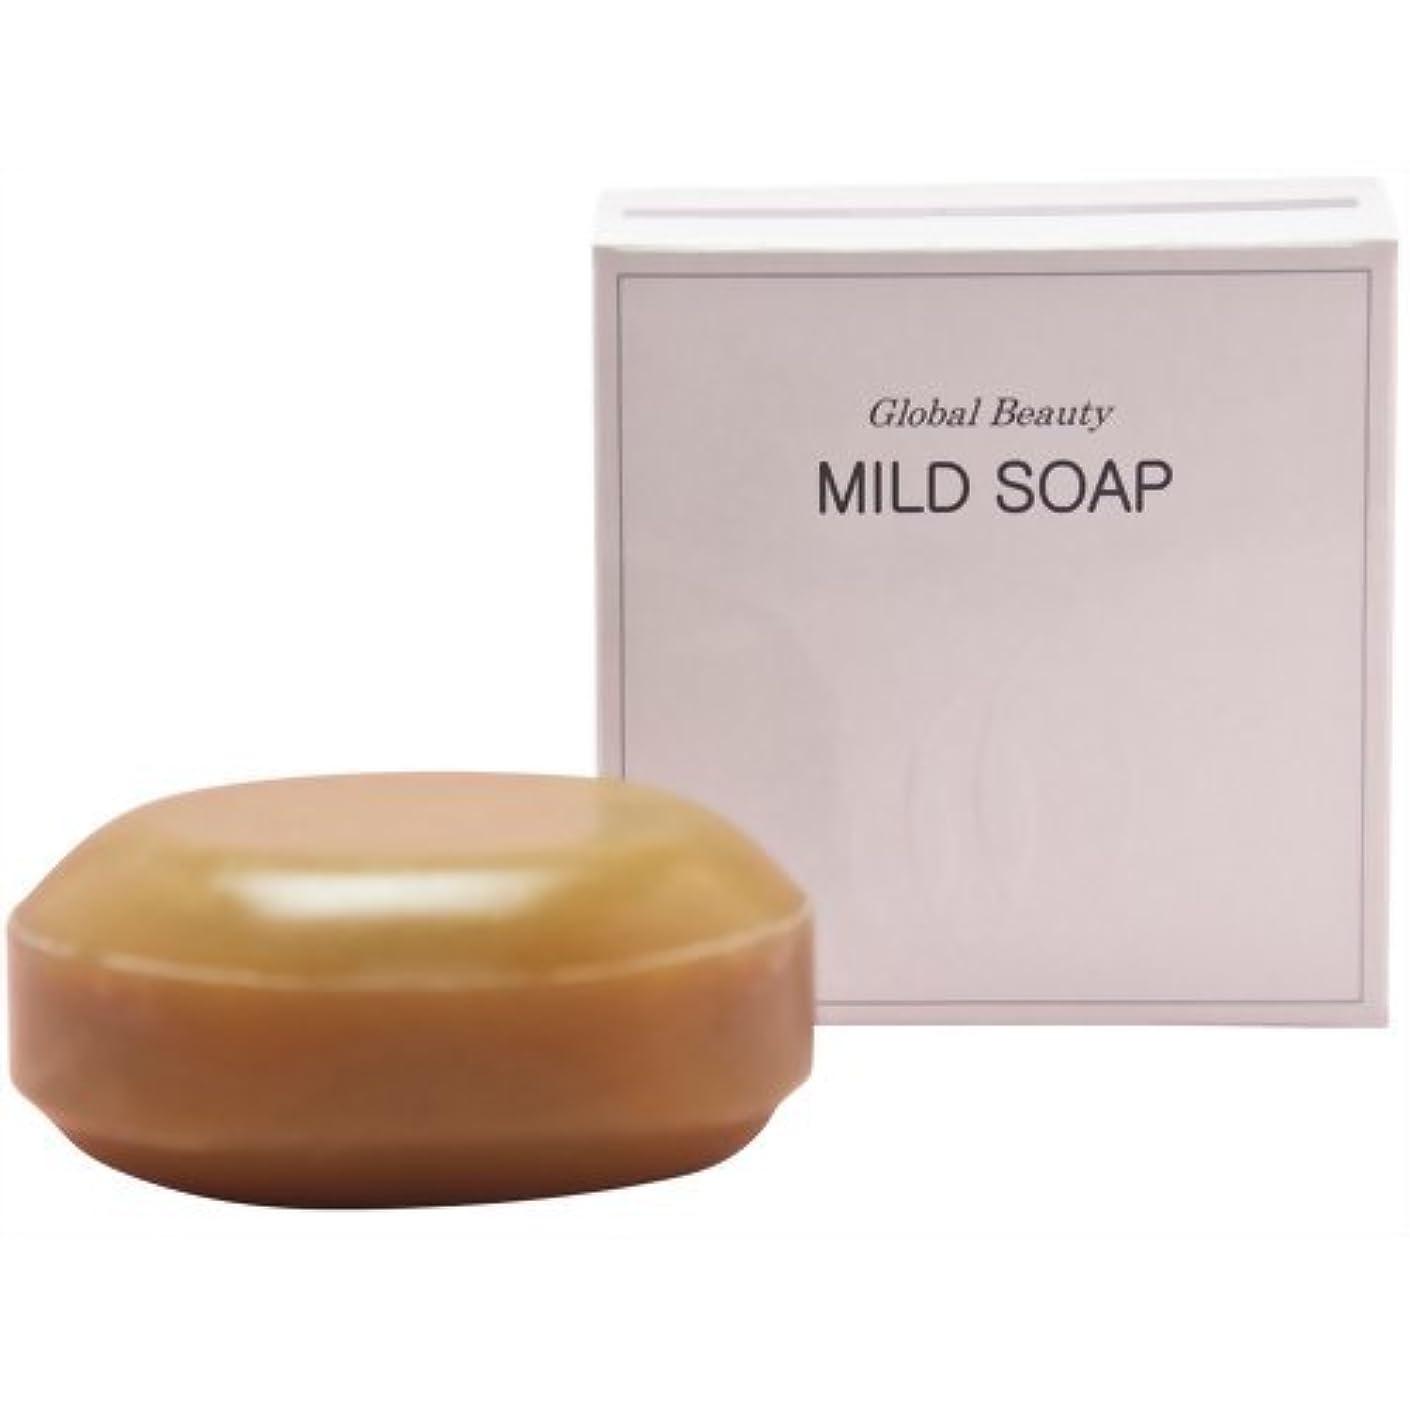 コンプライアンスはねかける葉っぱGlobal Beauty(グローバルビューティー) グローバルビューティー マイルドソープ(100g) 洗顔